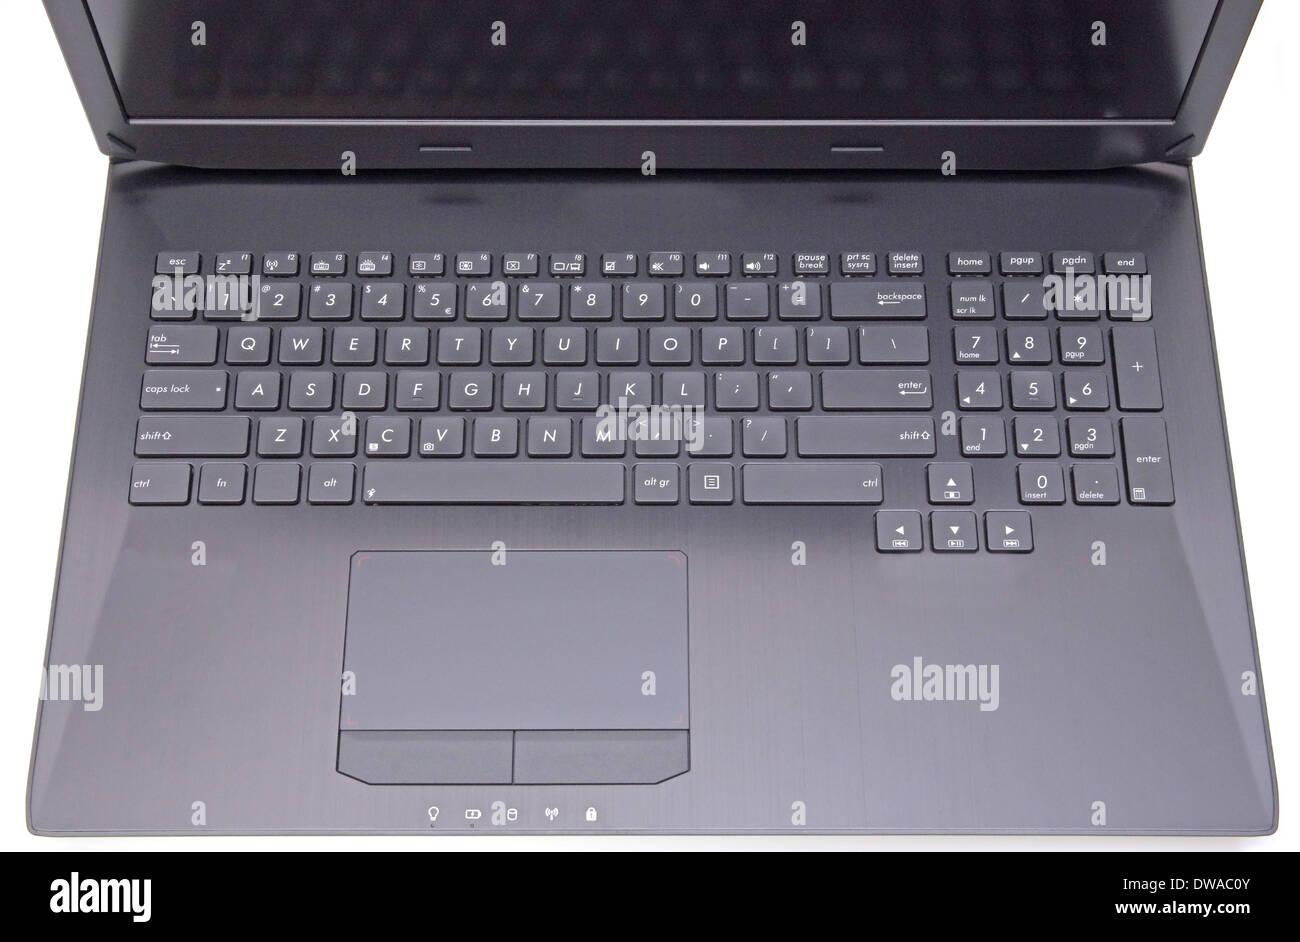 Près de l'image d'un ordinateur portable: clavier et pavé tactile Photo Stock